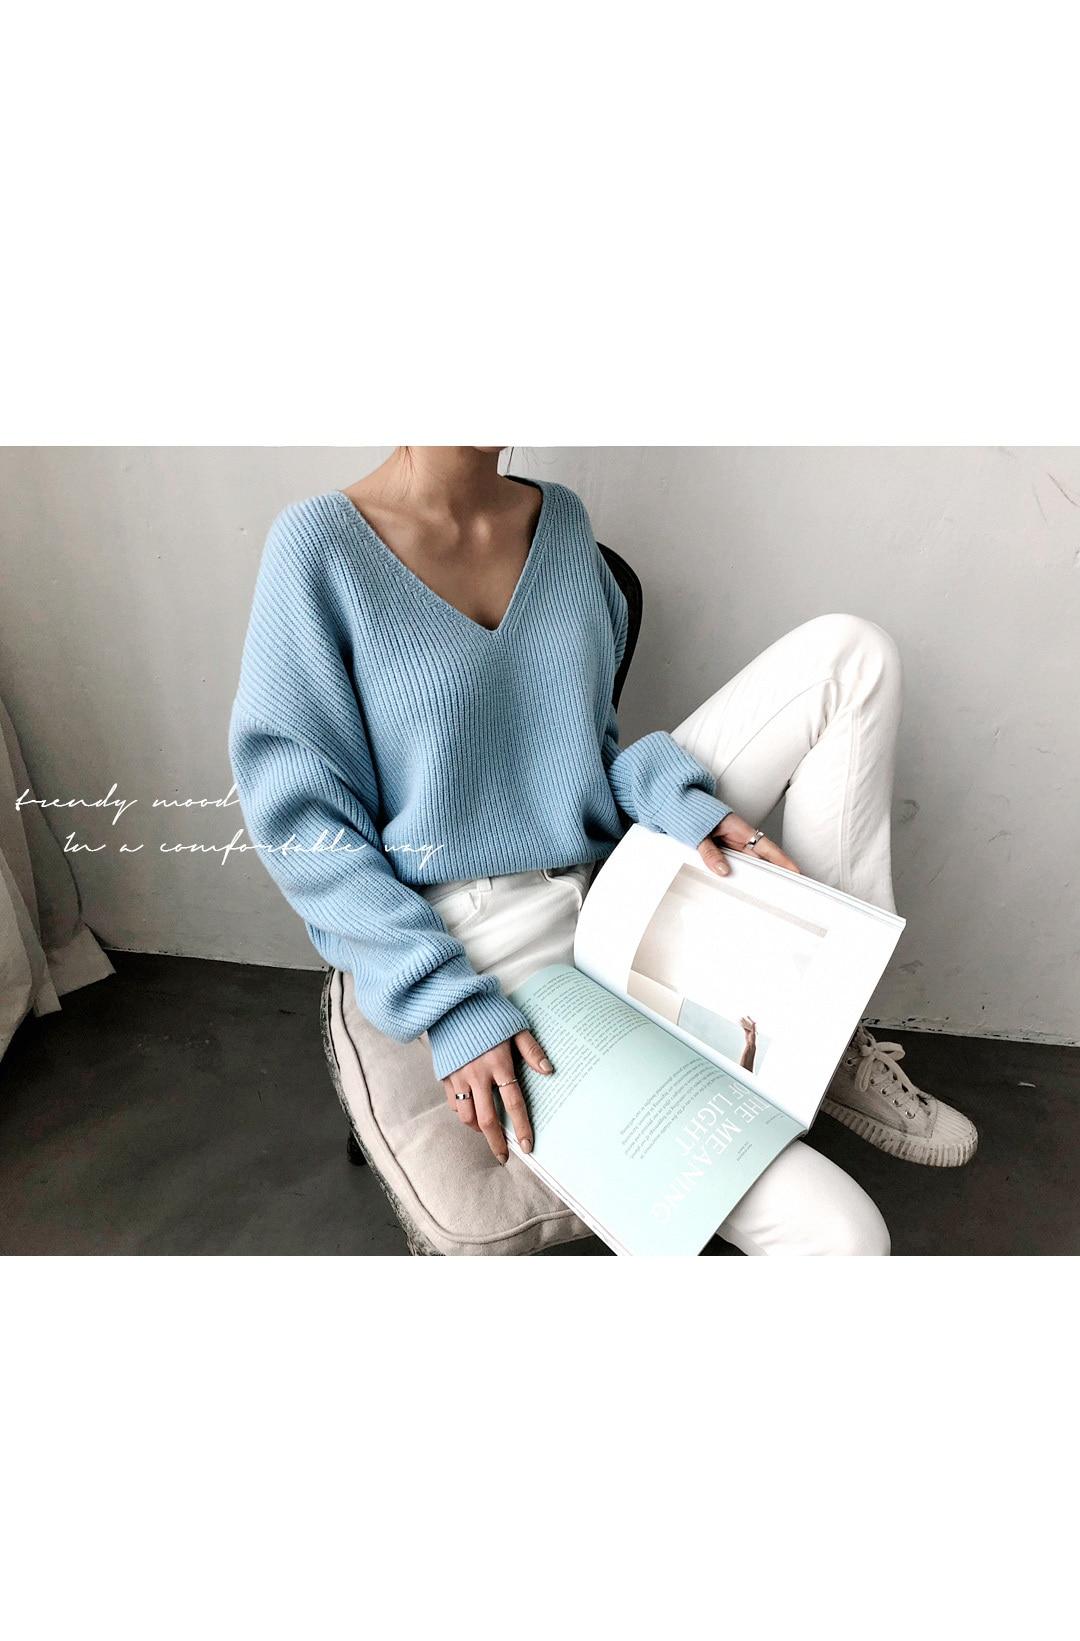 19 Winter Ovreiszed Sweater Women V Neck Black White Sweater Irregular Hen Knitted Tops 14